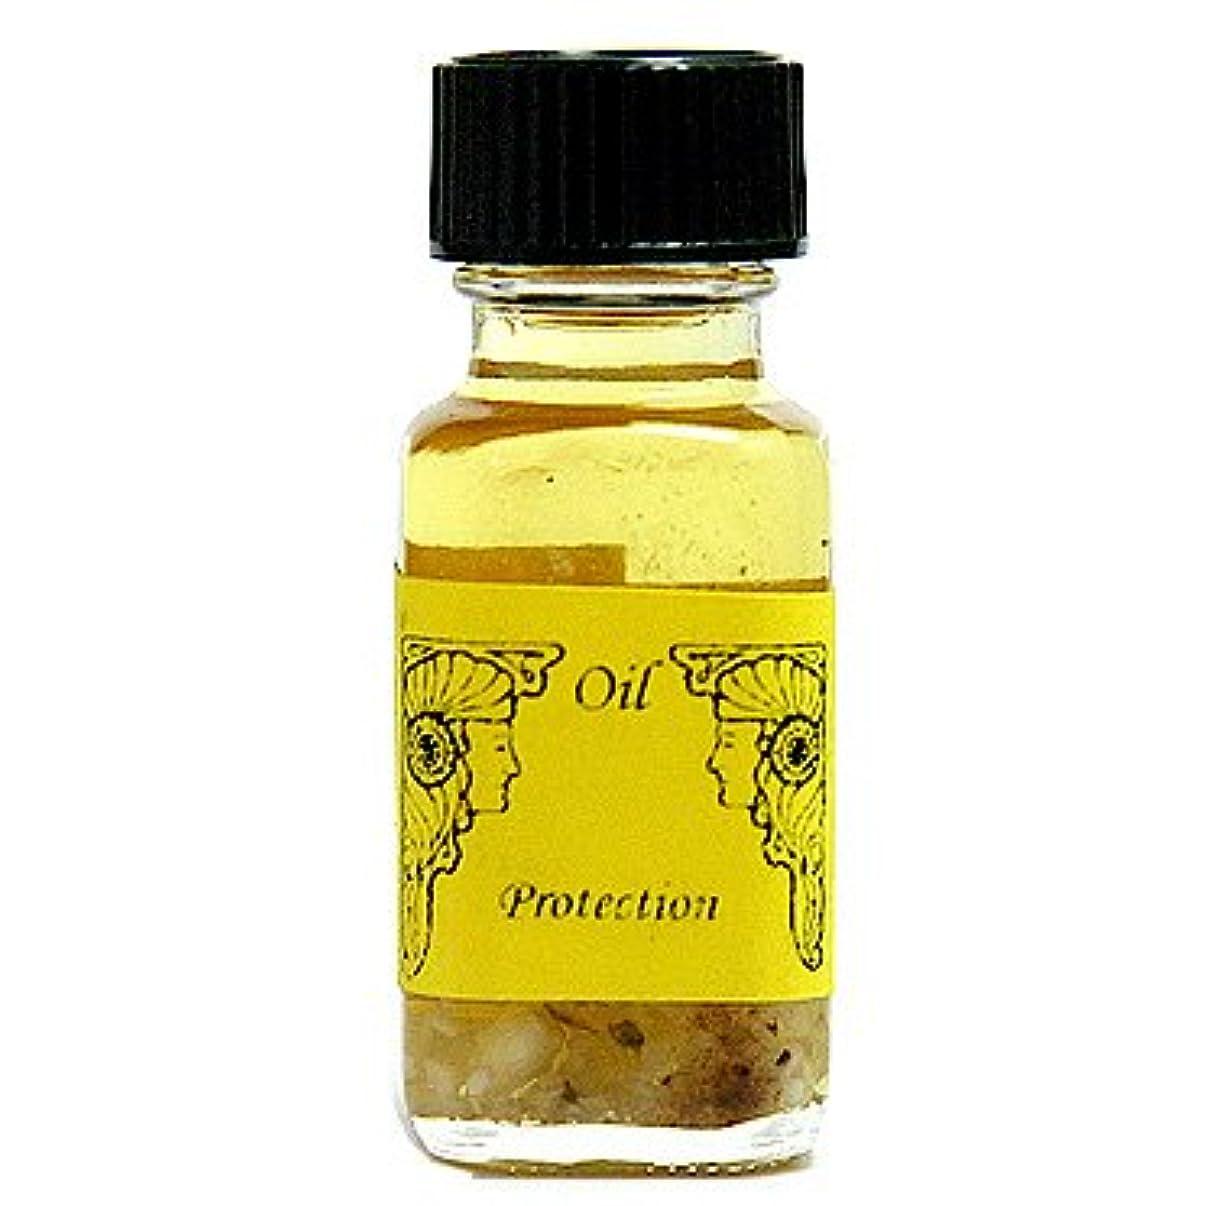 アベニュー石まとめるアンシェントメモリーオイル プロテクション (守護?厄よけ) 15ml (Ancient Memory Oils)